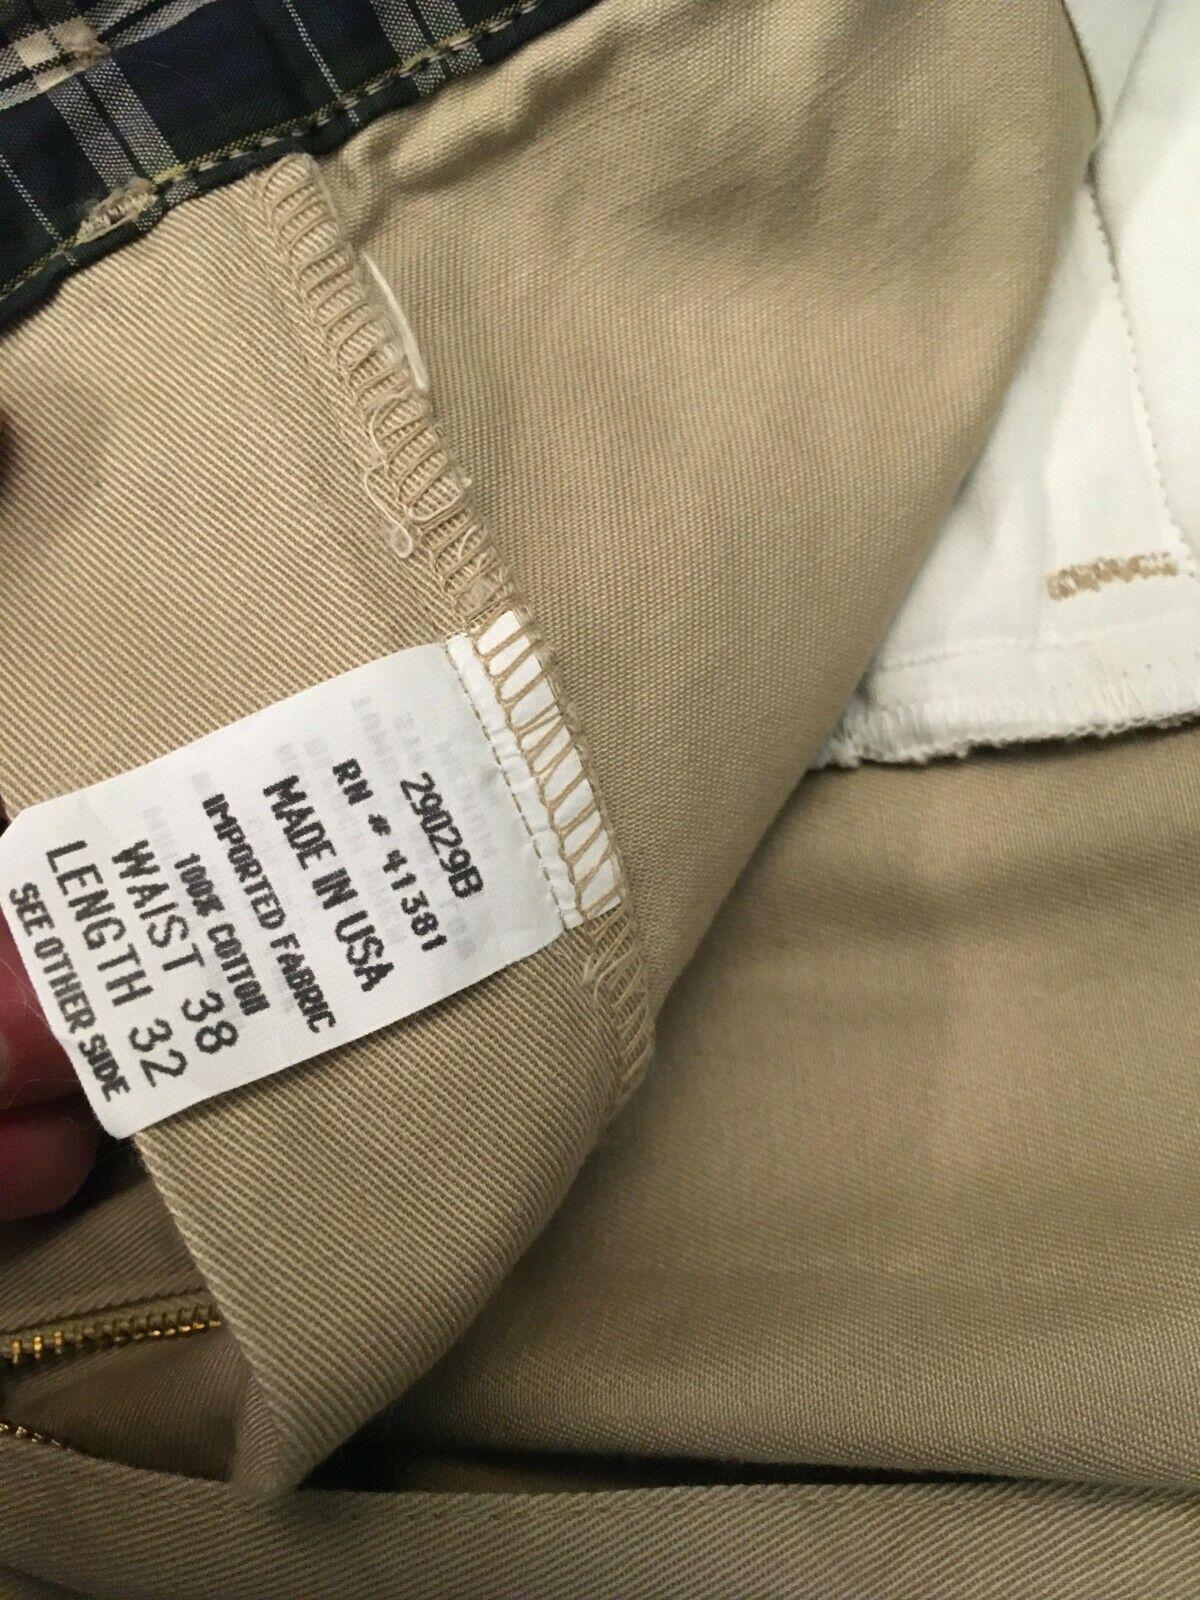 VTG 80s NOS Polo Ralph Lauren Classic Golf Pants … - image 7